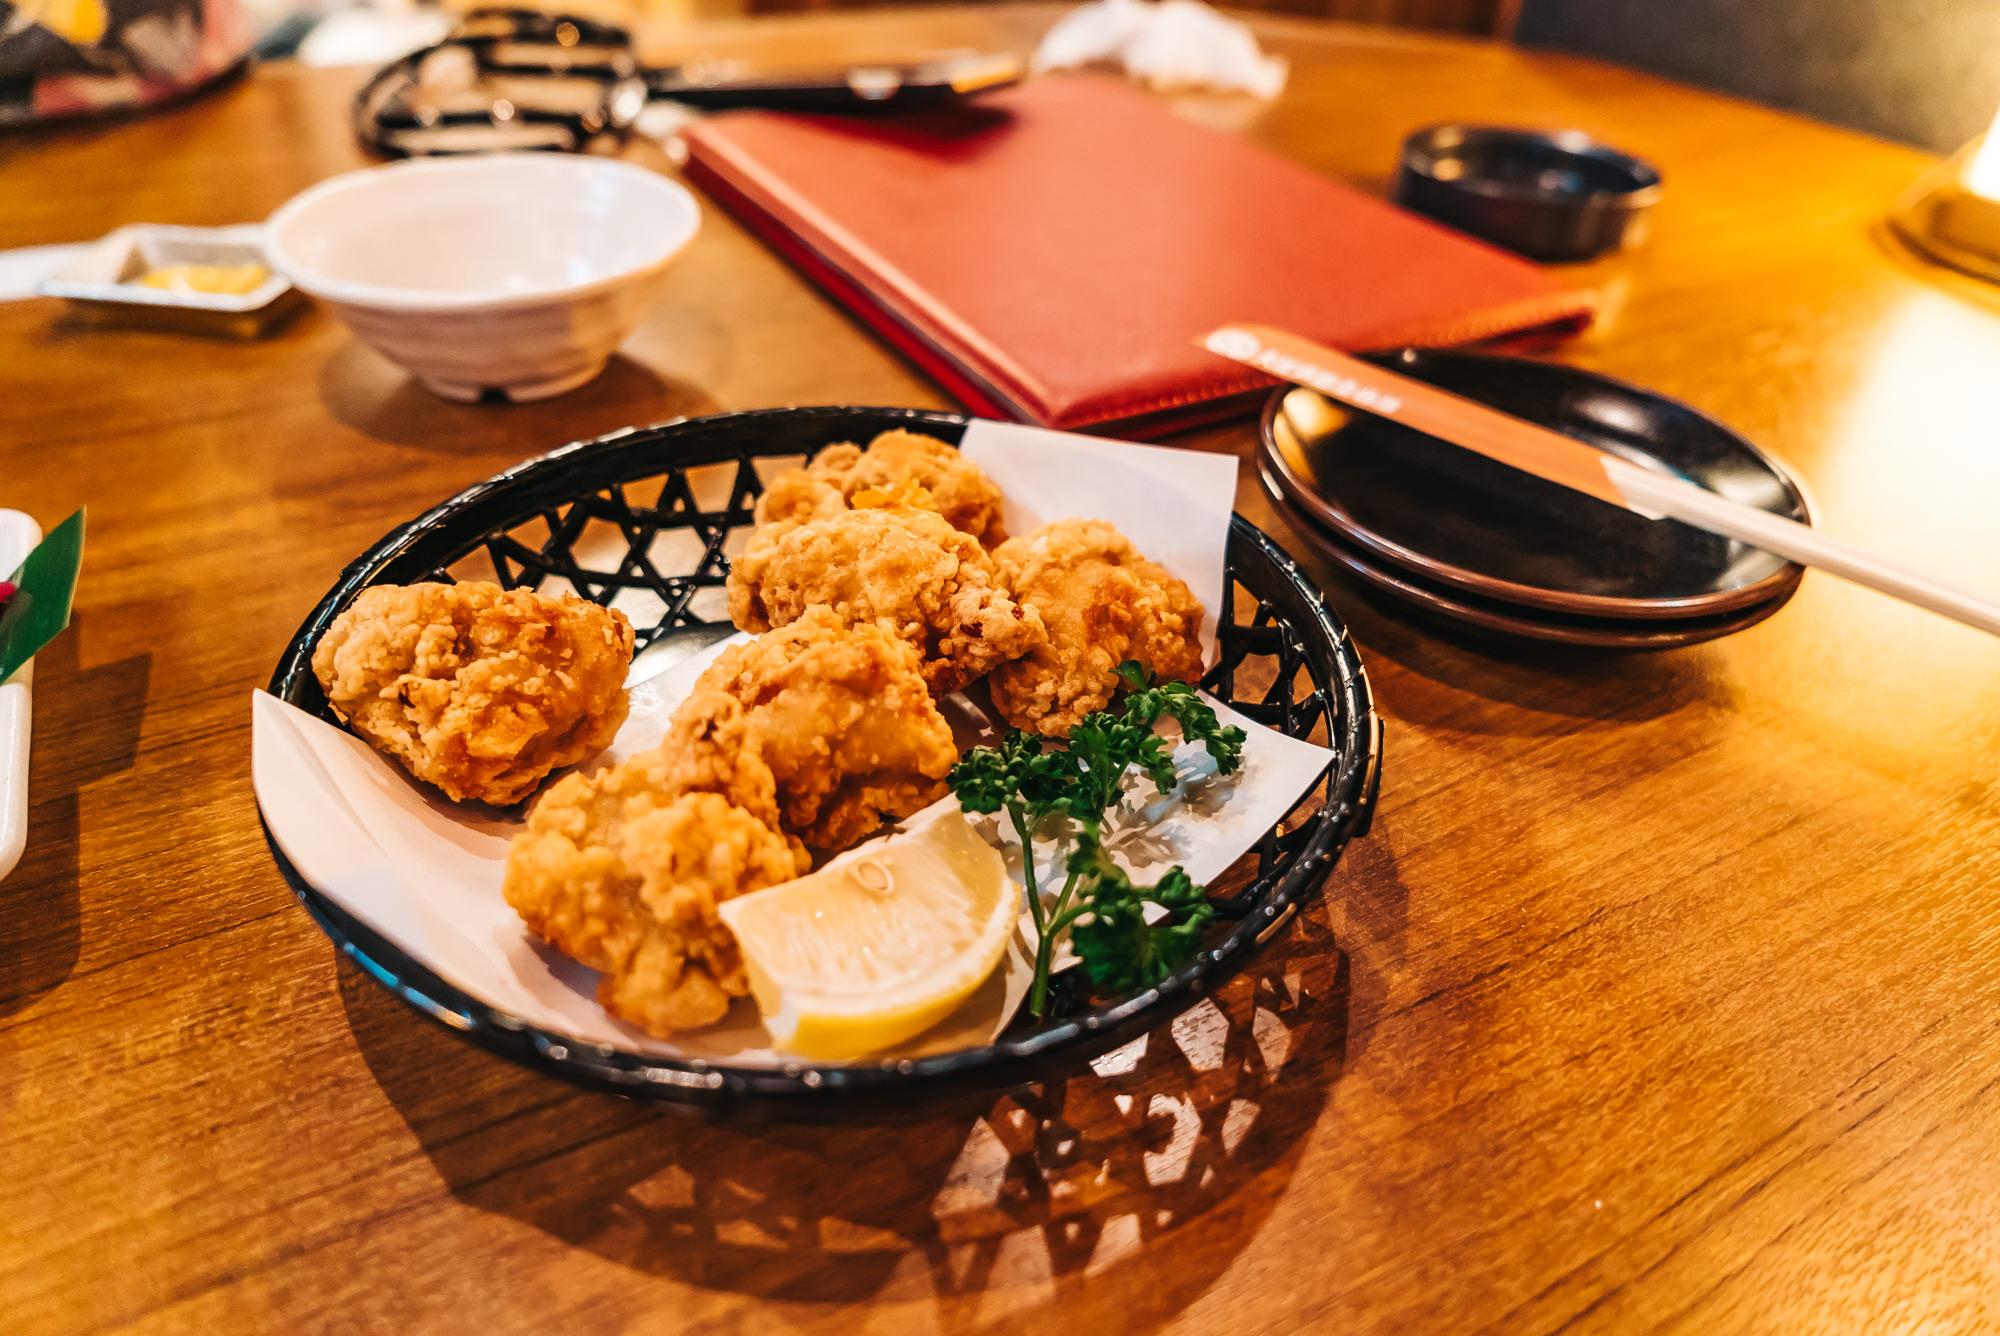 Delicious kara-age at the izakaya